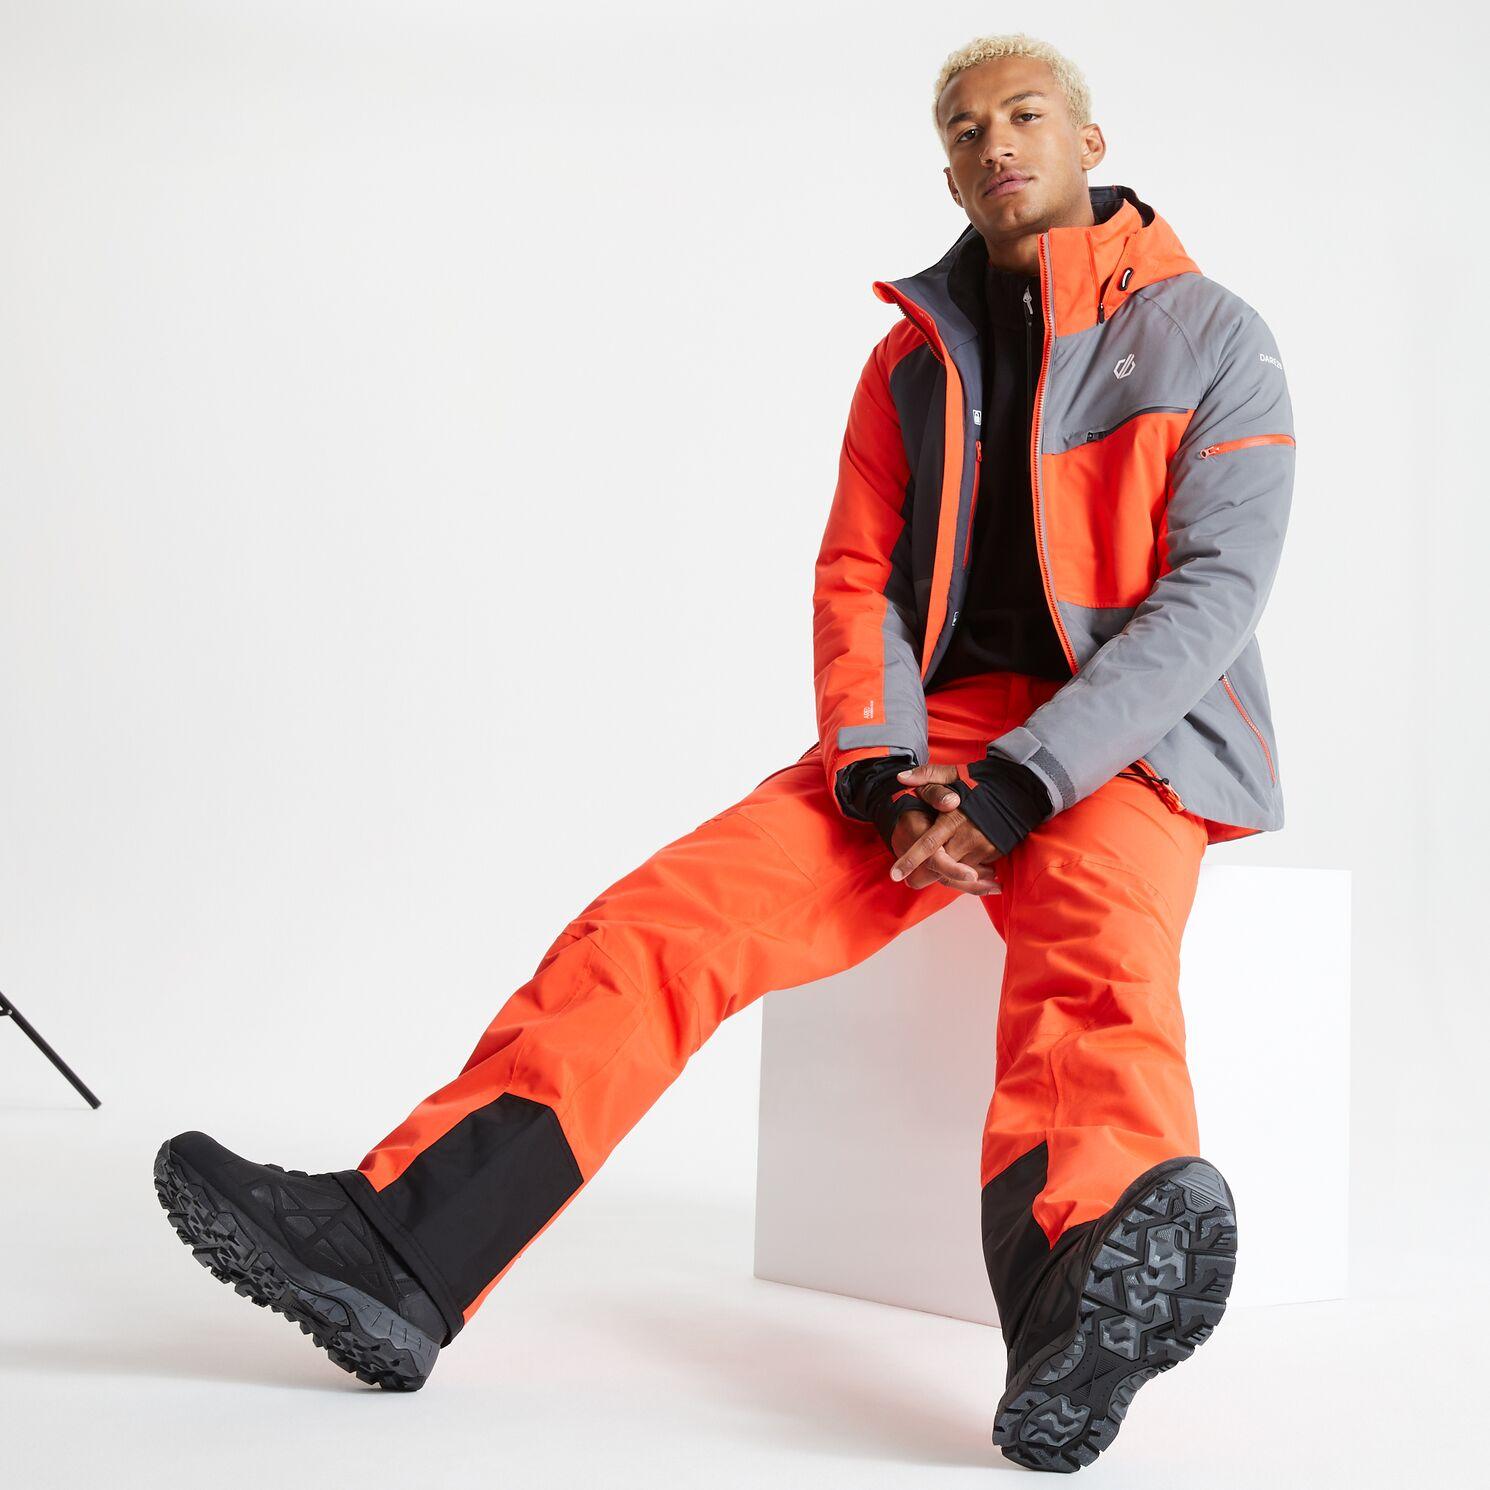 model wearing orange ski outfit